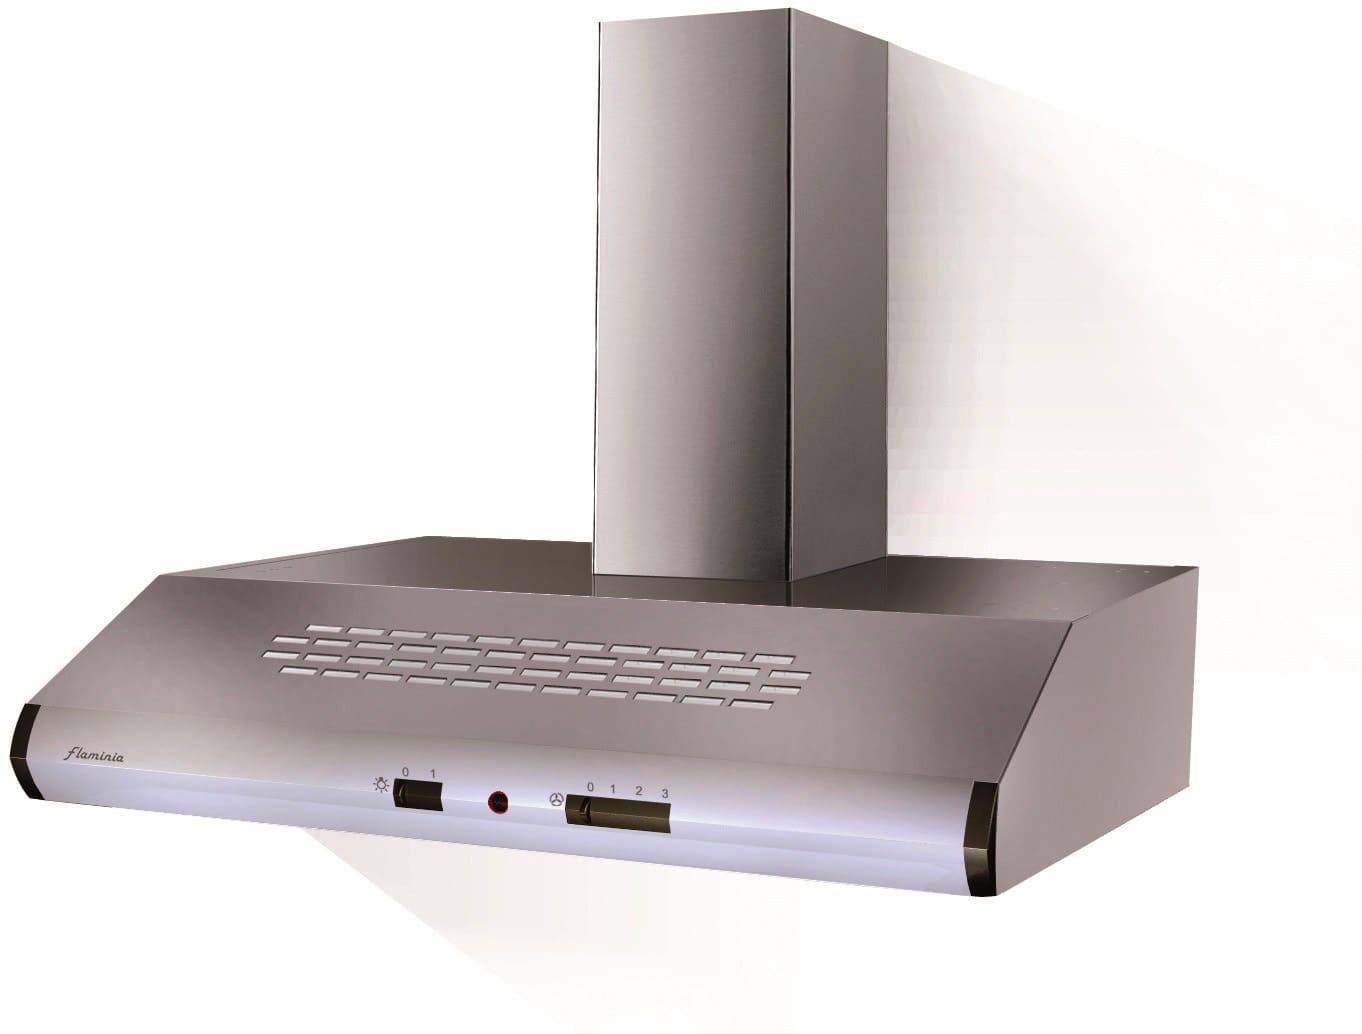 Cappa Cucina Aspirante a Parete Larghezza 90 cm Profondità 50 cm colore  Inox - 300.0544.464 Ionica X A90